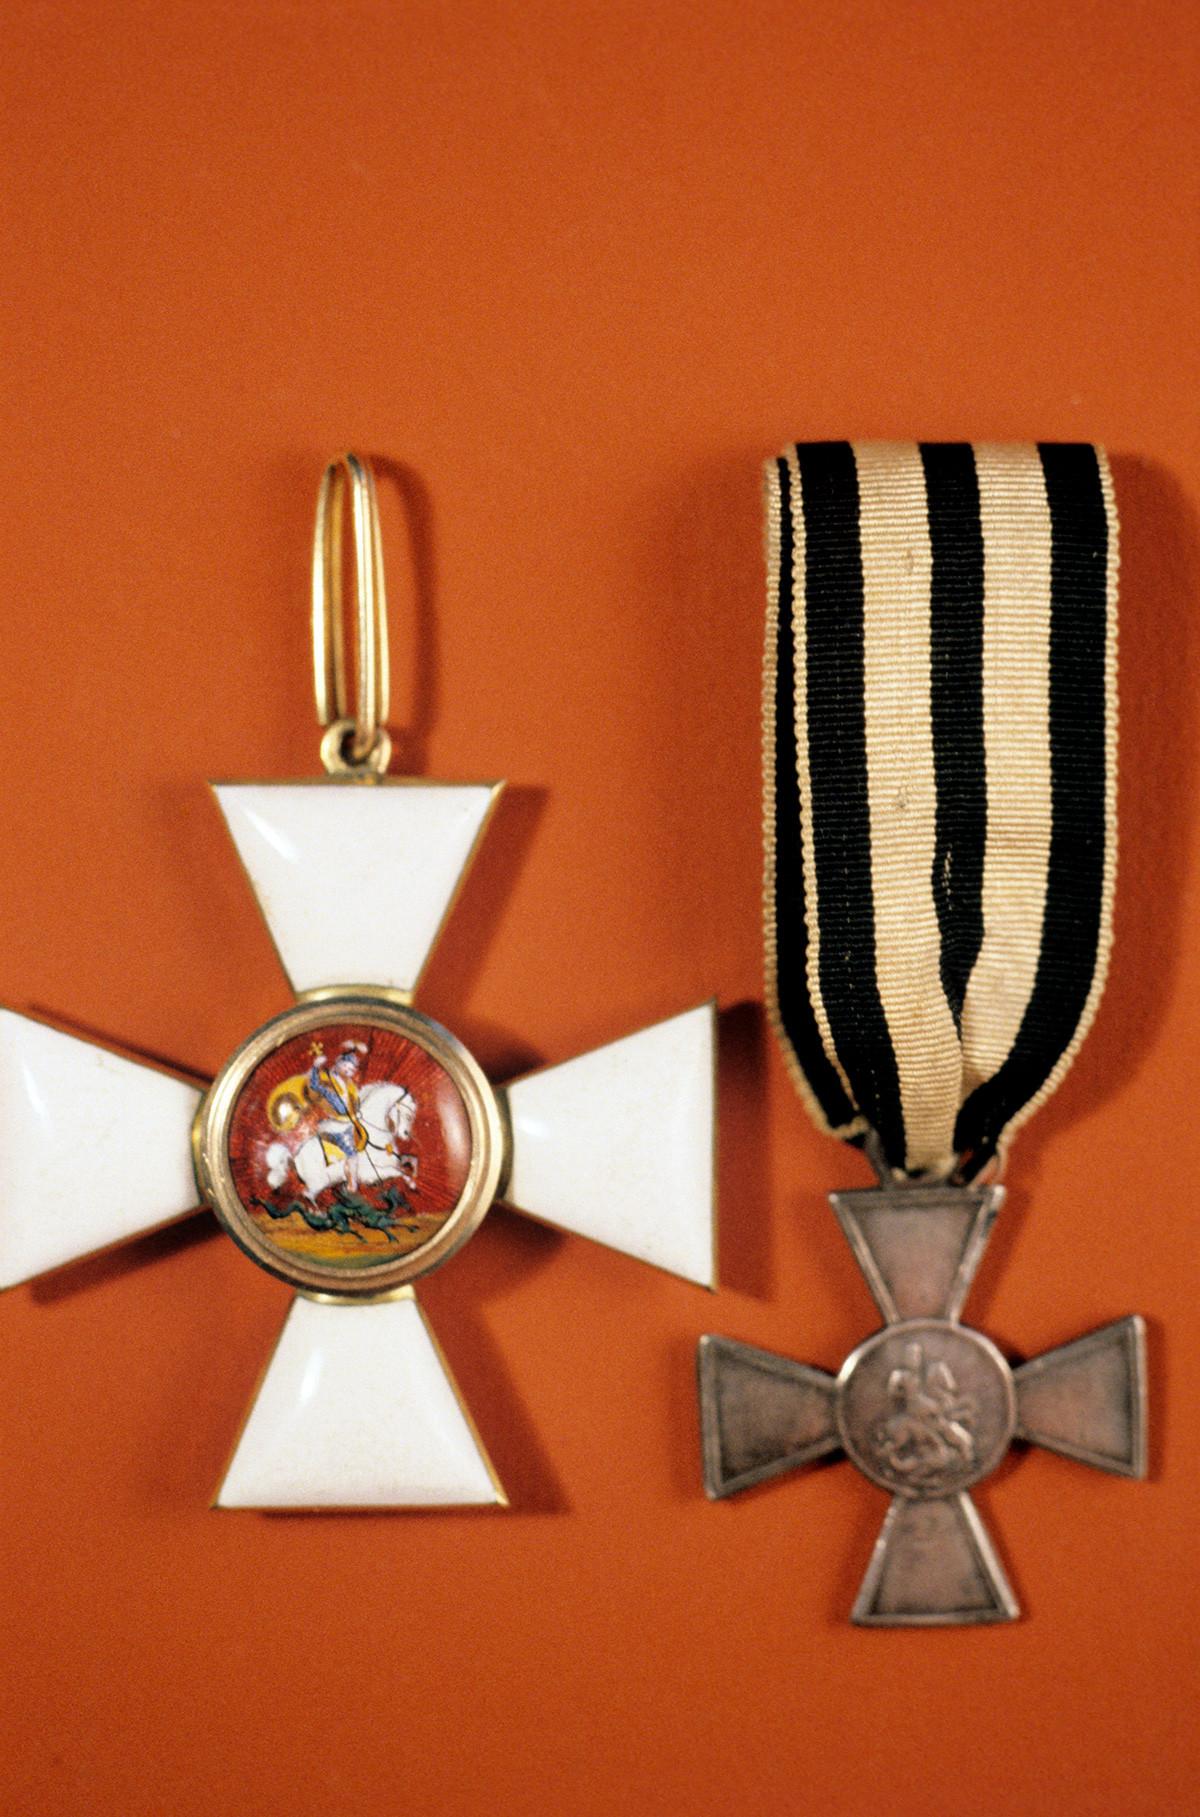 聖ゲオルギー勲章の記章(左側)と聖ゲオルギー勲章の形をした特別な「褒賞」